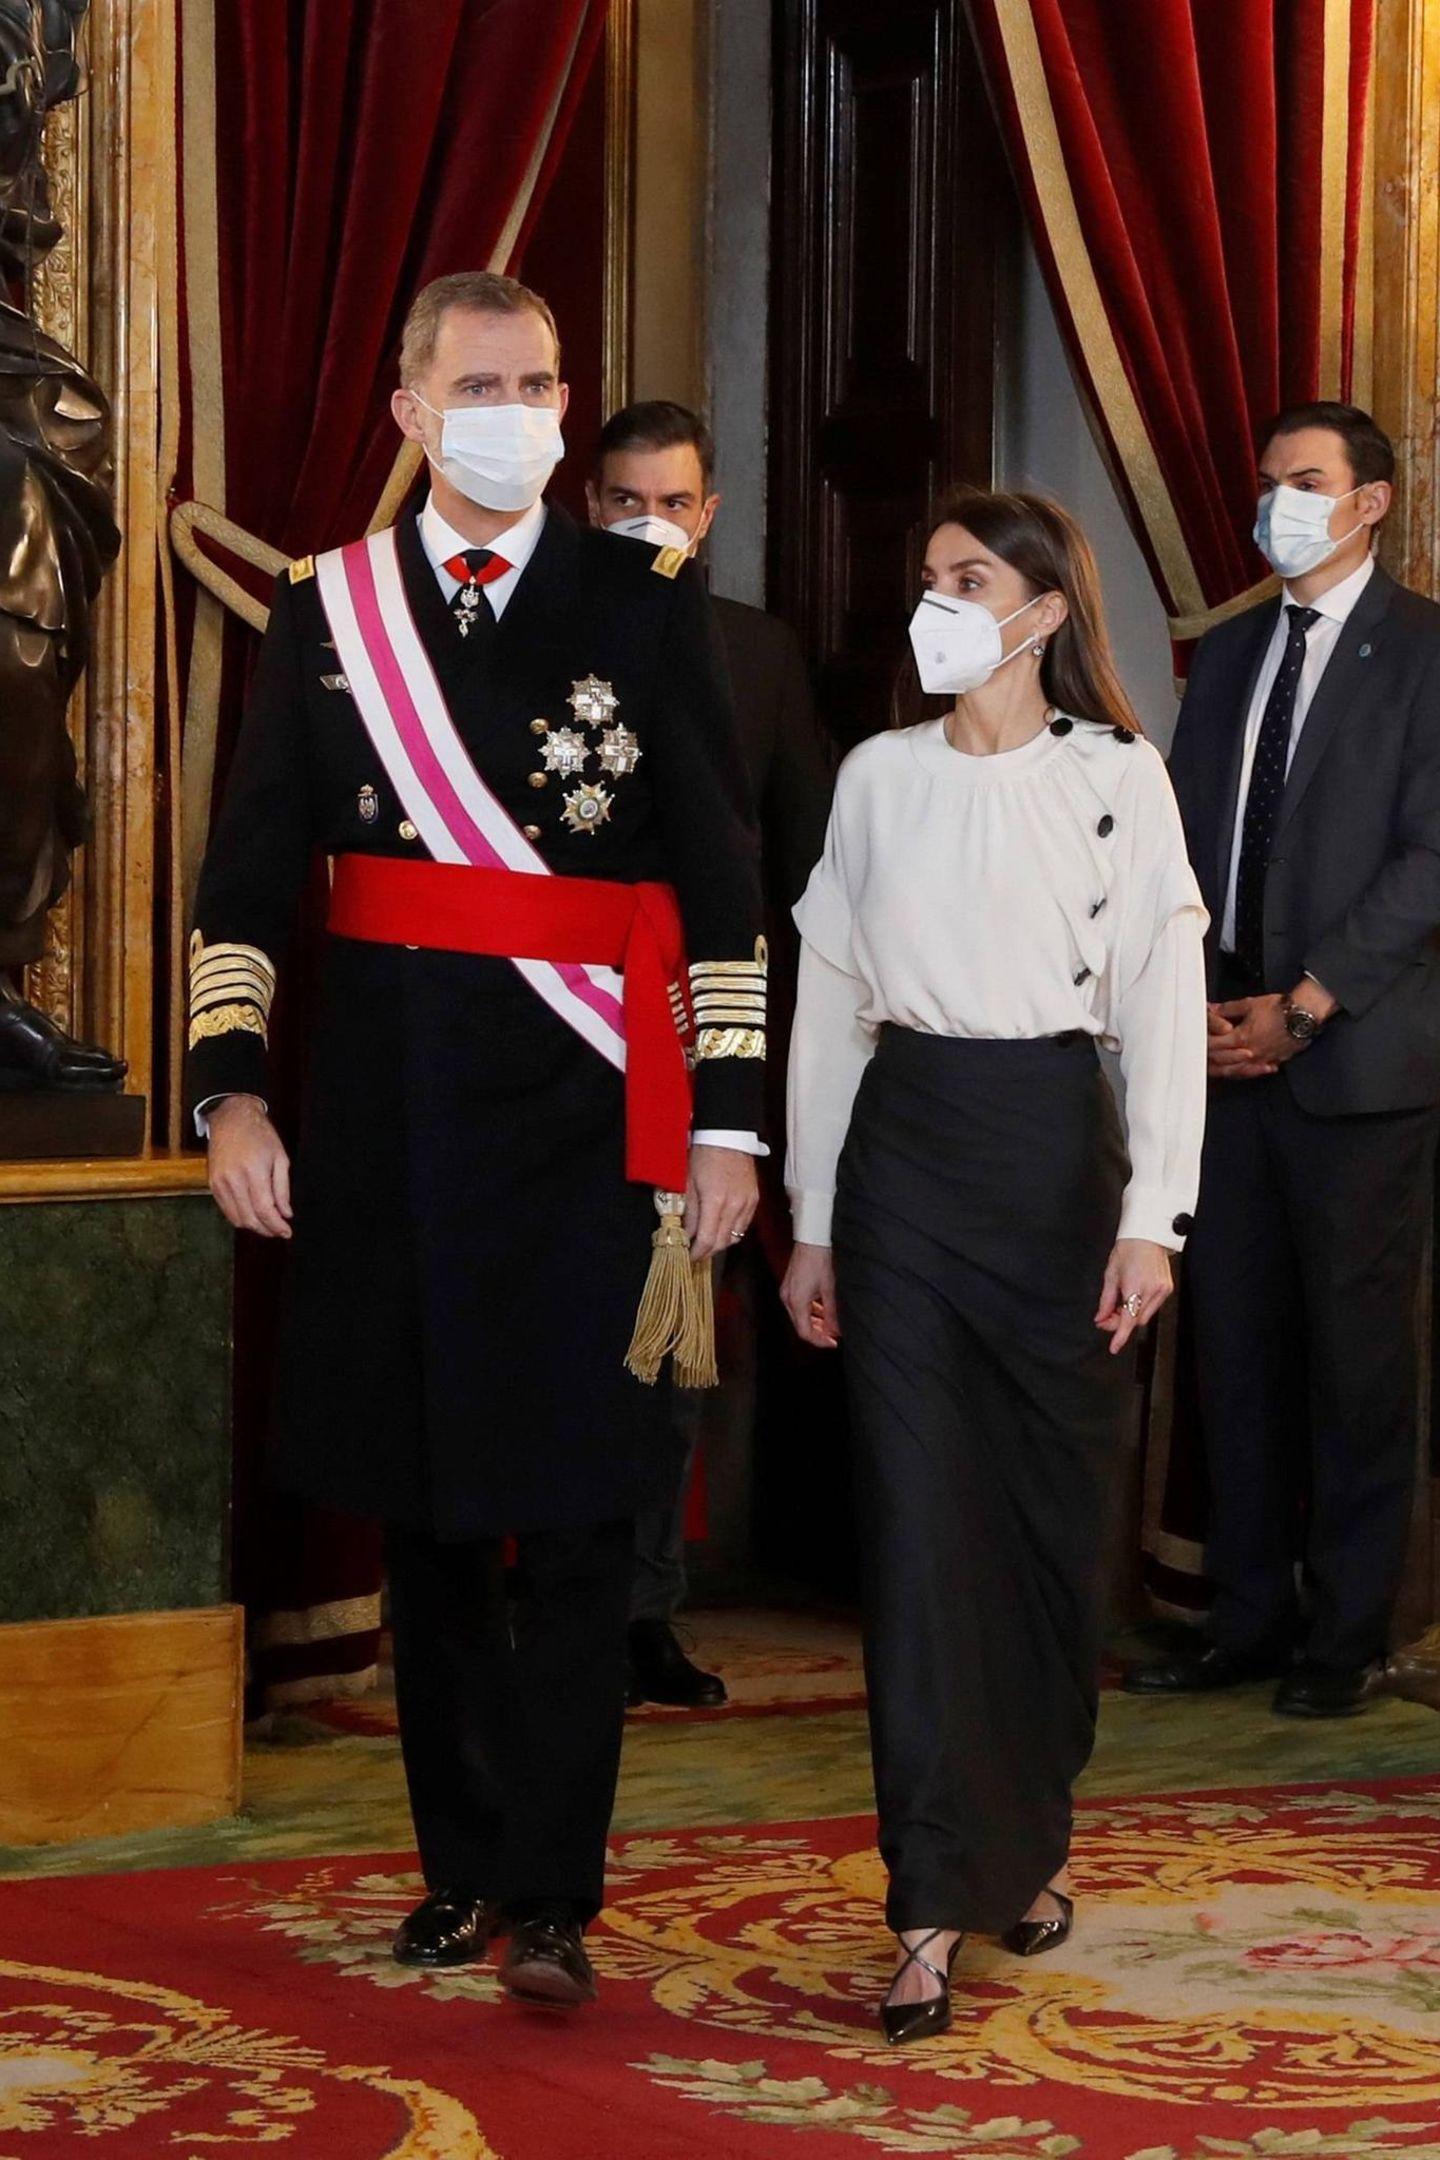 Beim Neujahrsgruß an das Militär setzt Königin Letizia dieses Jahr auf einen ganz neuen Look. In den vergangenen Jahren war ein langes festliches Kleid fast obligatorisch, meistin einem Blauton. Doch dieses Jahr überrascht die Frau von König Felipe in einer Rock-Blusen-Kombi, die zudem recht schlicht ausfällt. Wie bereits bei ihren letzten Outfits versucht Königin Letizia vorrangig auf spanische Labels zurückzugreifen oder recycelt alte Lieblingsteile, um sich solidarisch mit dem wirtschaftlich angeschlagenen Volk zu zeigen. Die Bluse ist von Maksu und die Schuhe von Magrit.